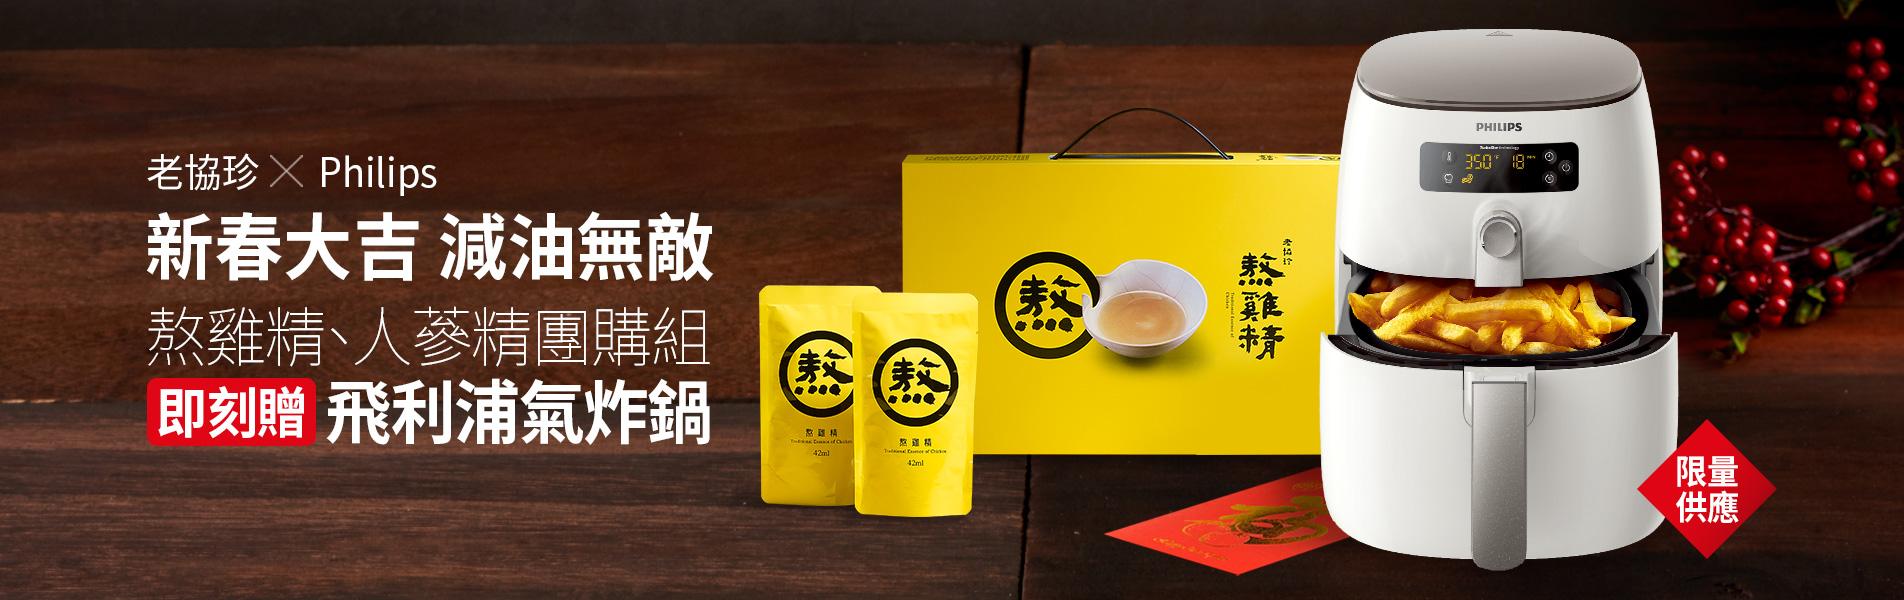 人蔘精禮盒(14入)5盒+人蔘精禮盒 麥蘆卡蜂蜜口味(14入)5盒